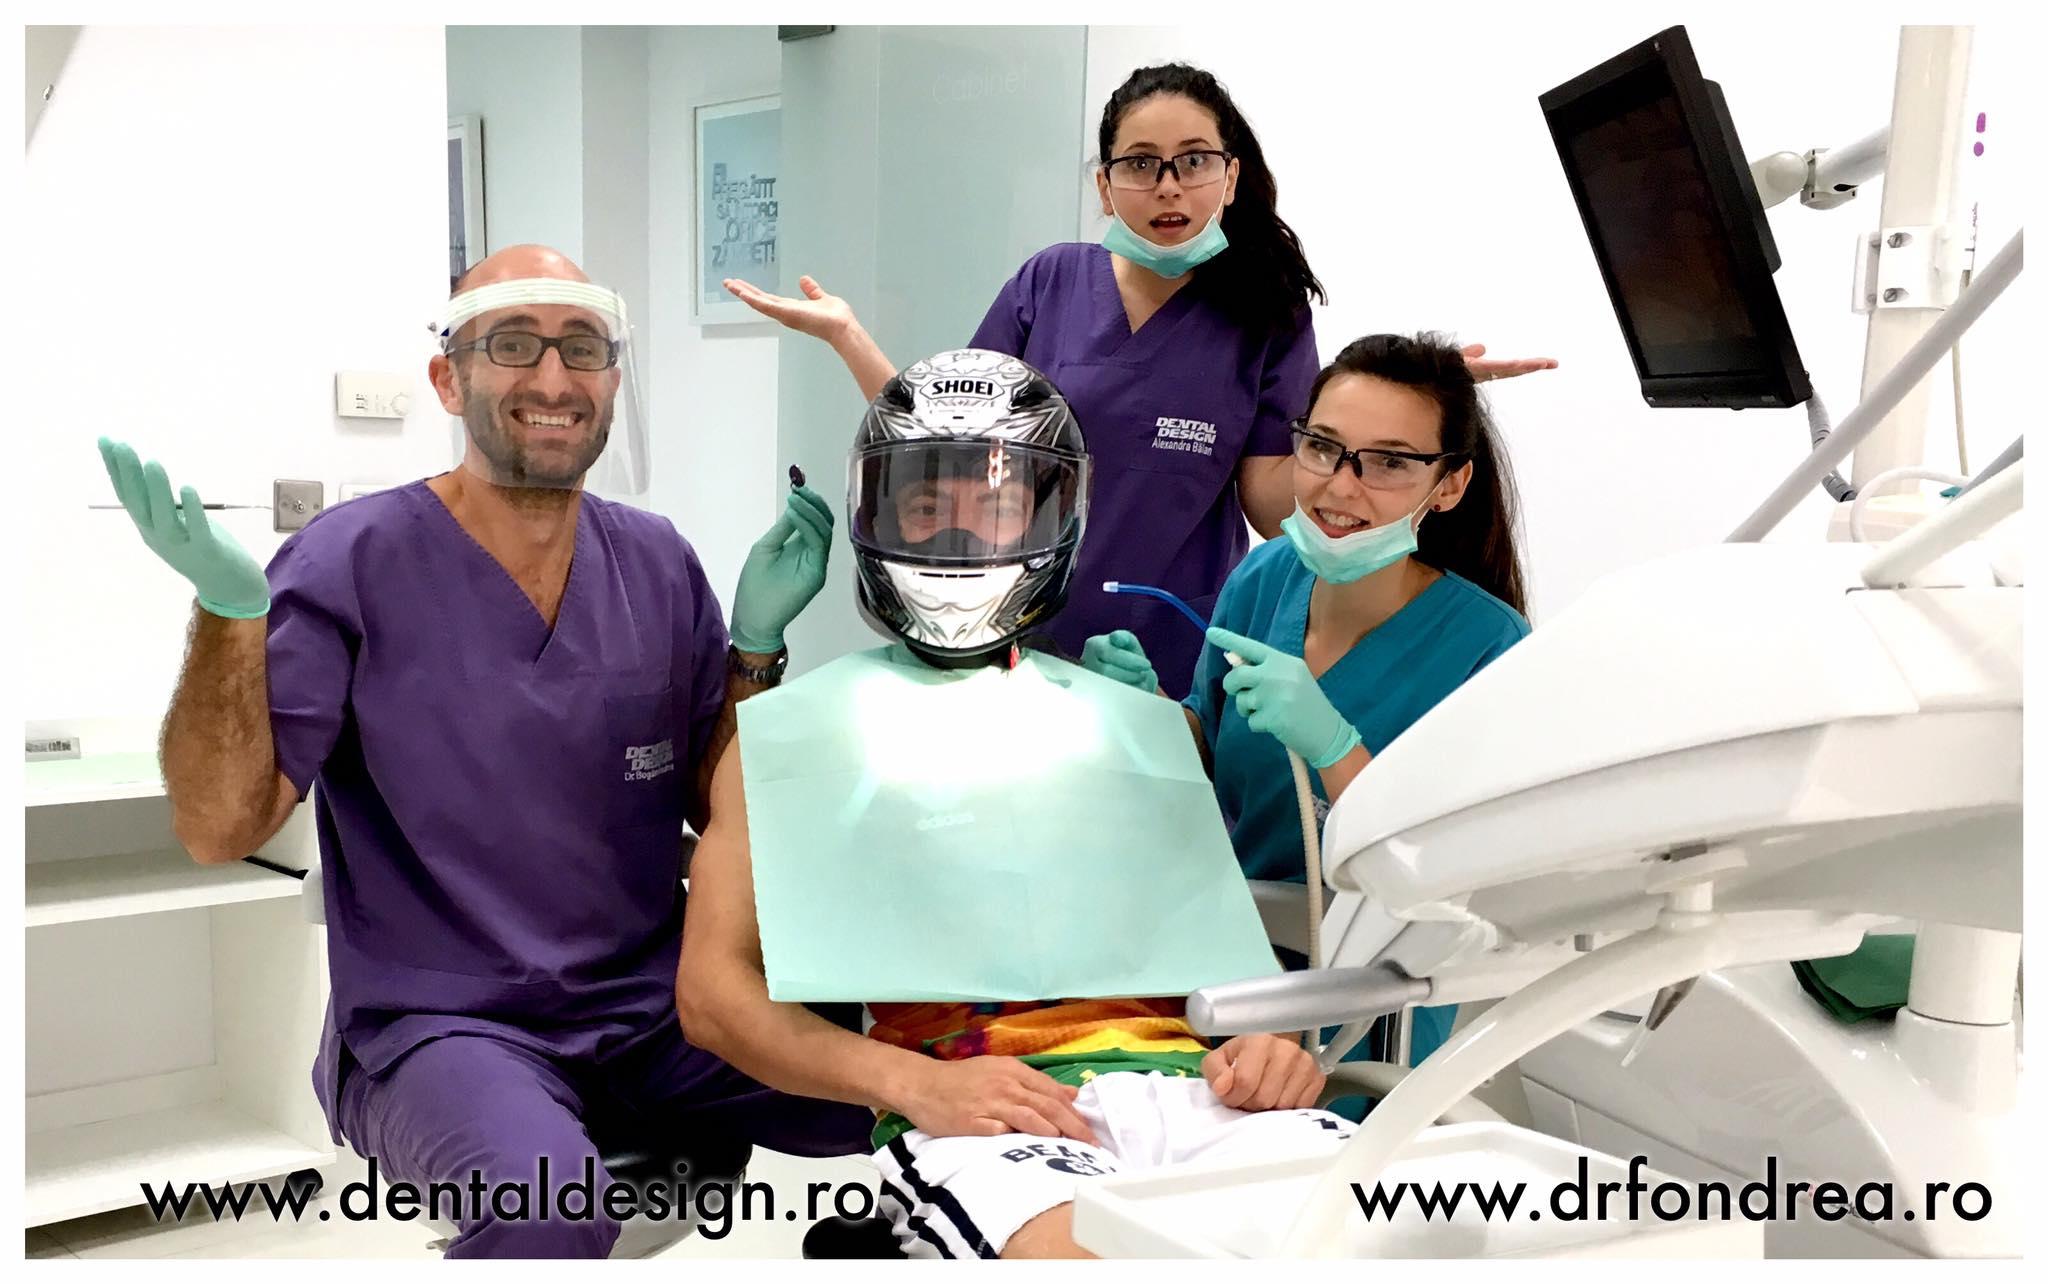 dr bogdan fondrea dental design timisoara